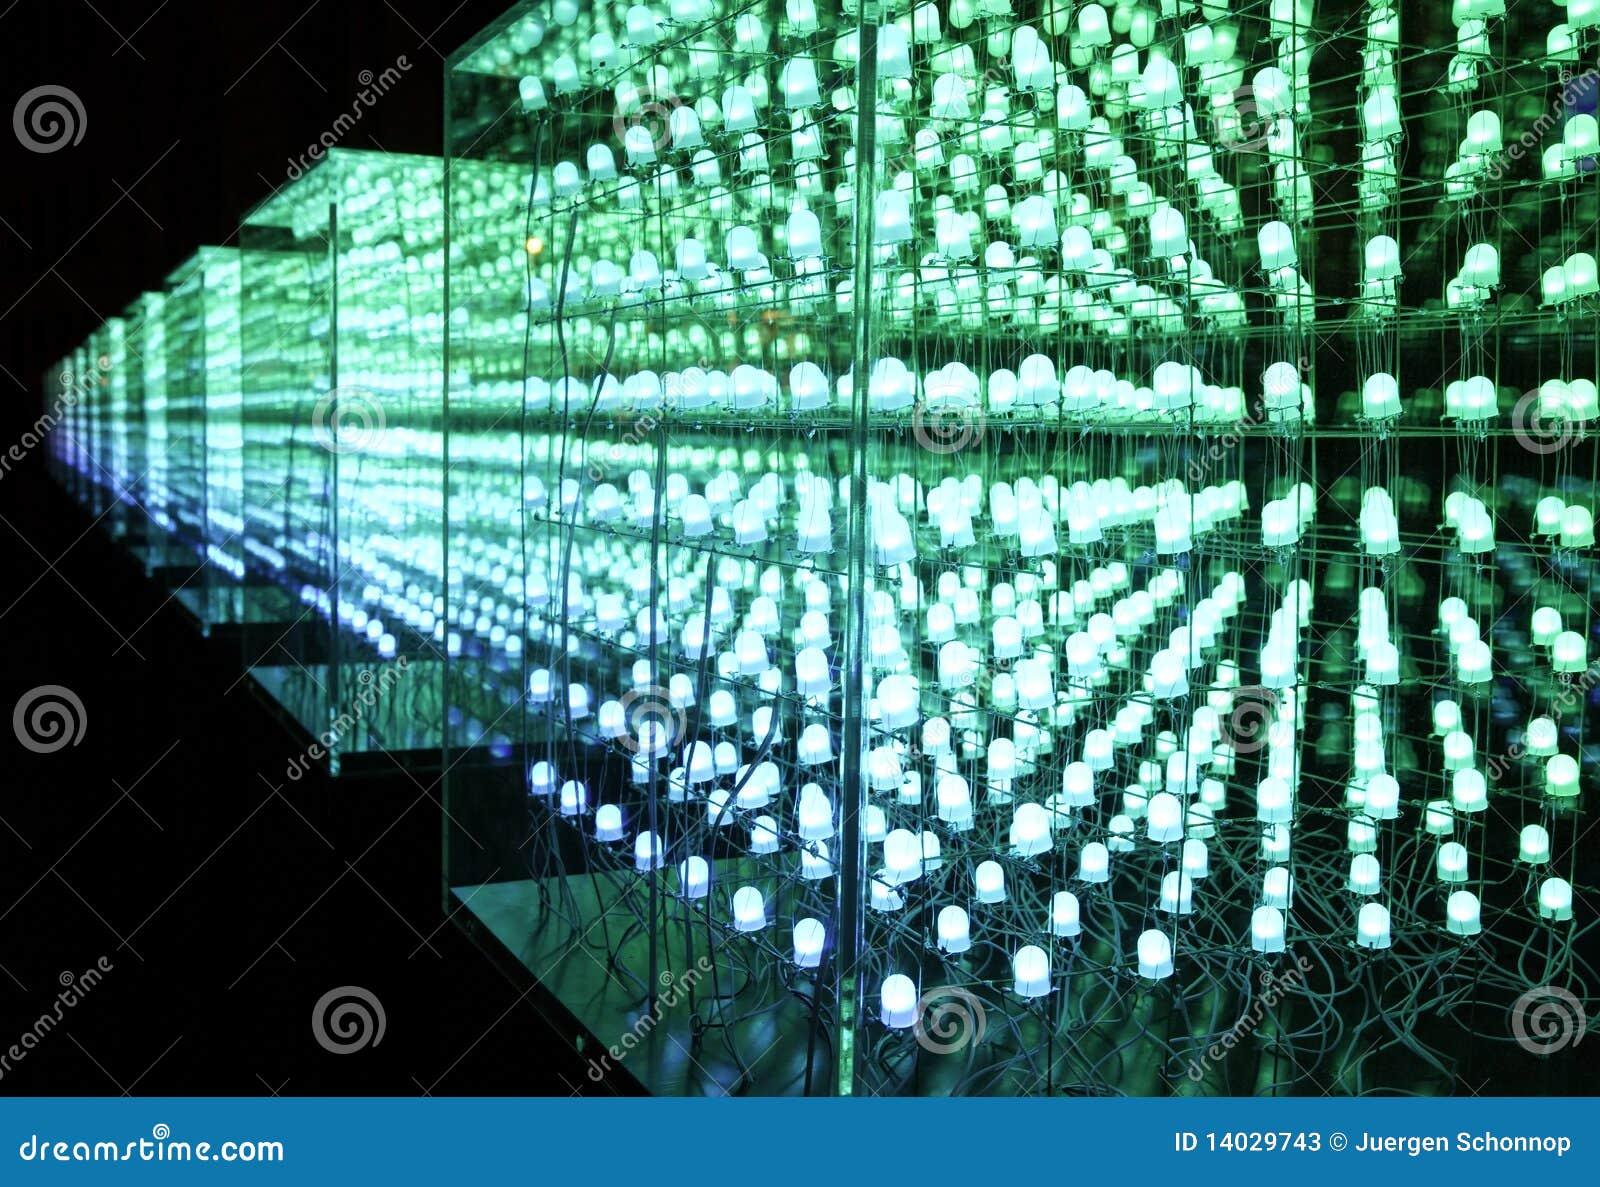 Groene leiden in een kubus